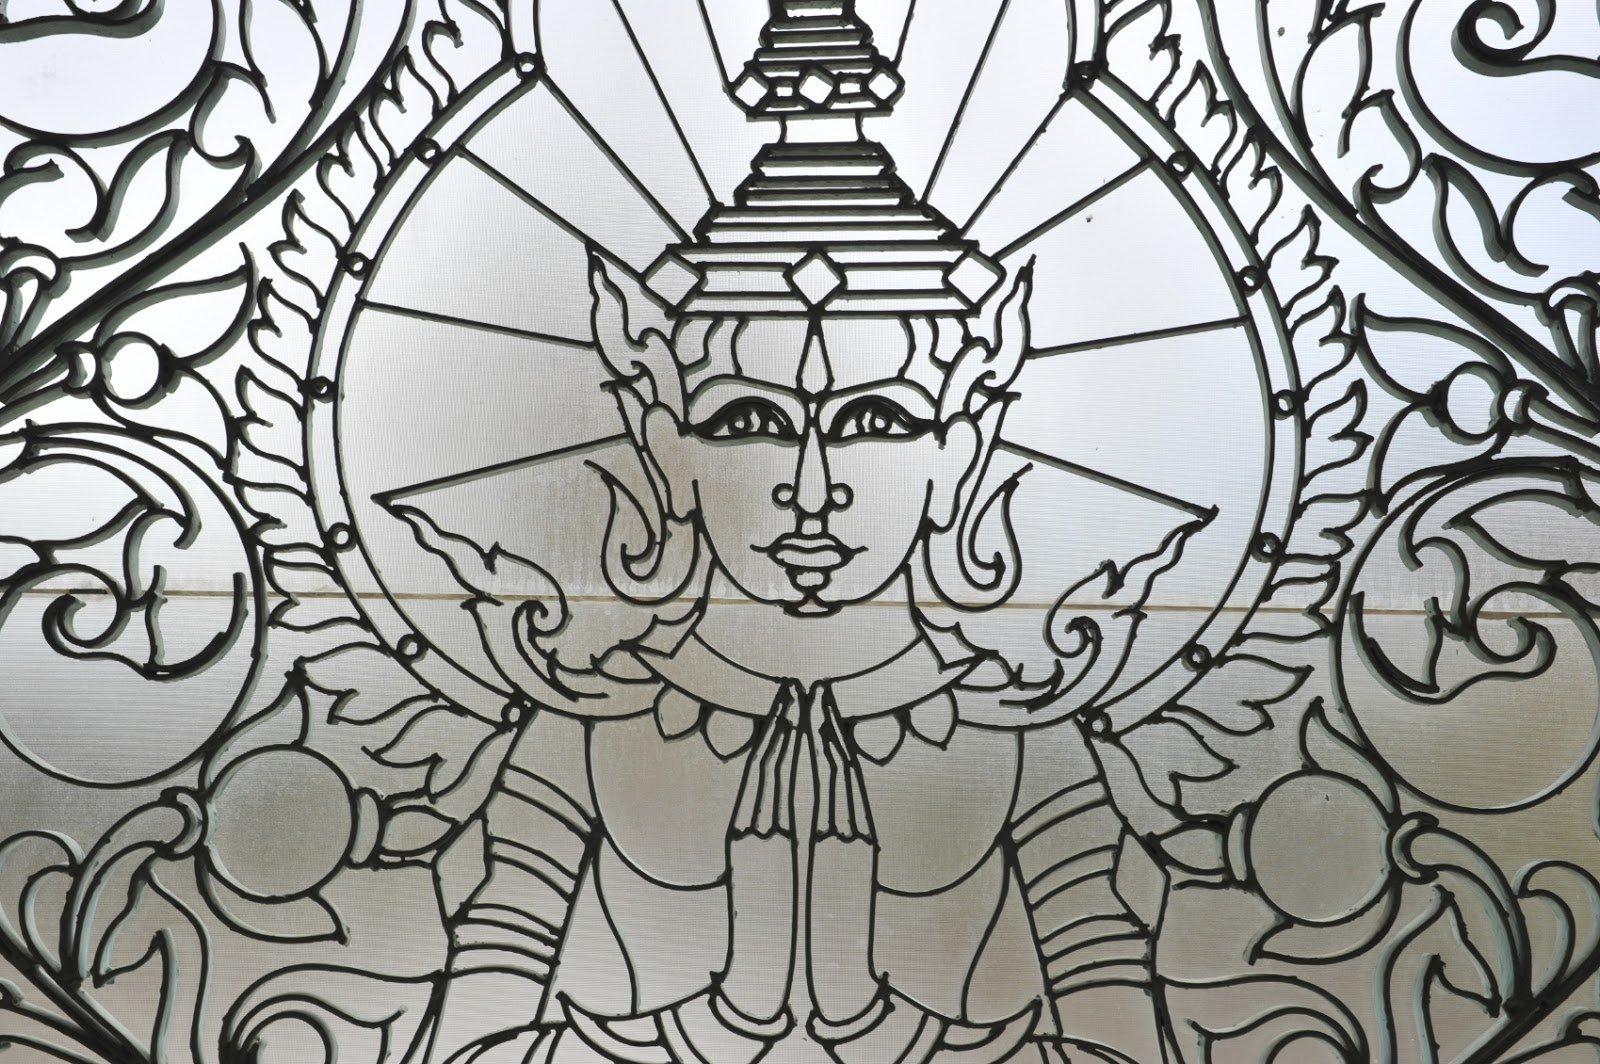 Kambodscha Kunstwerk